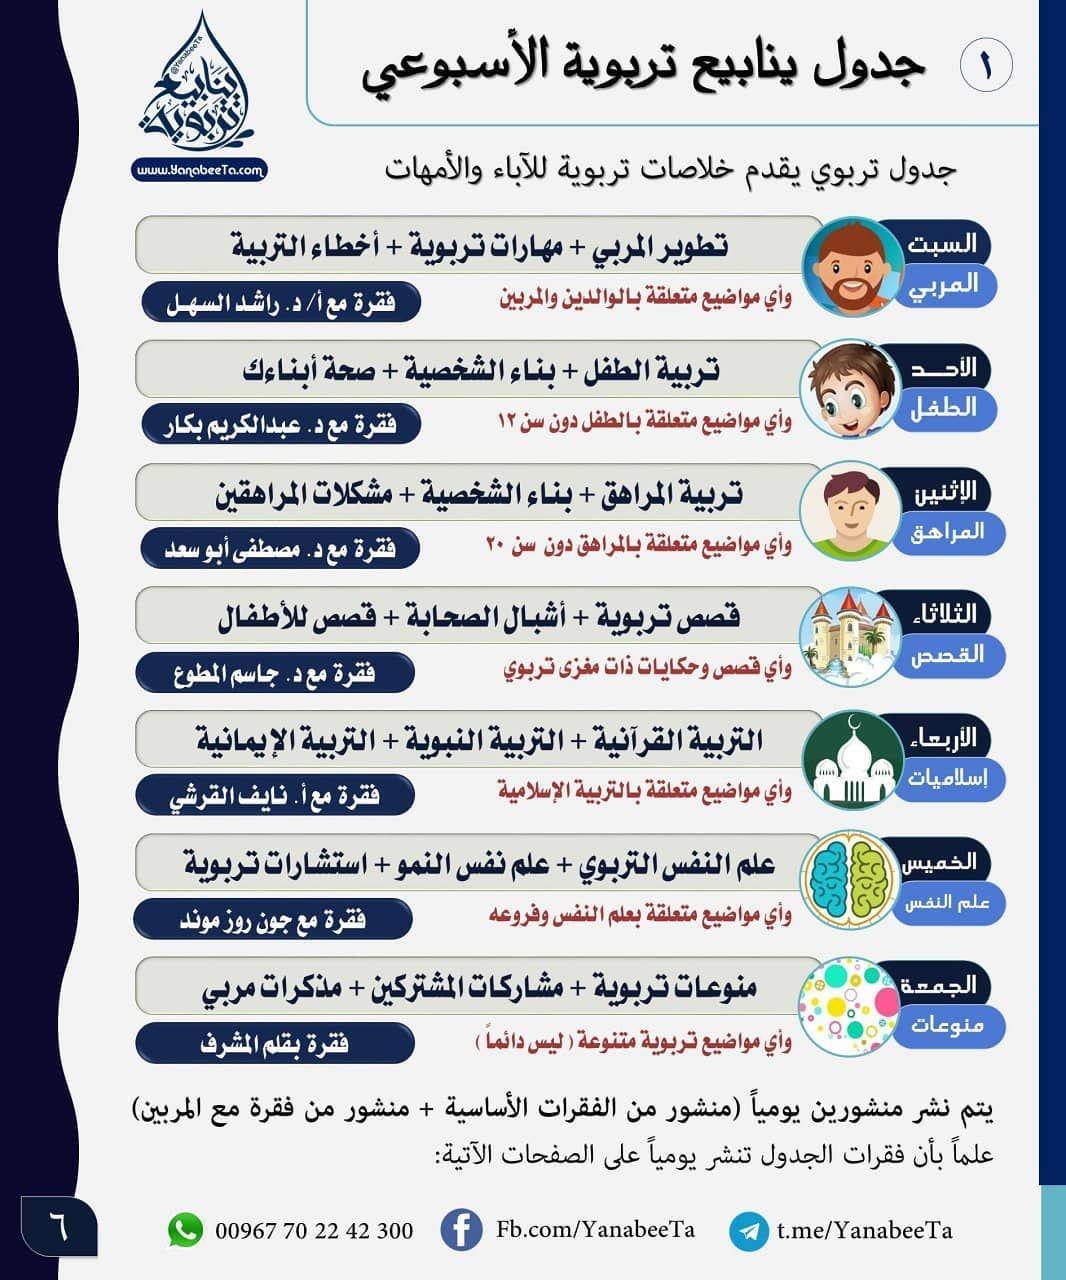 إنفوجرافيك 18 مهارة للمحاور المتمكن صحيفة مكة Infographic Infographic